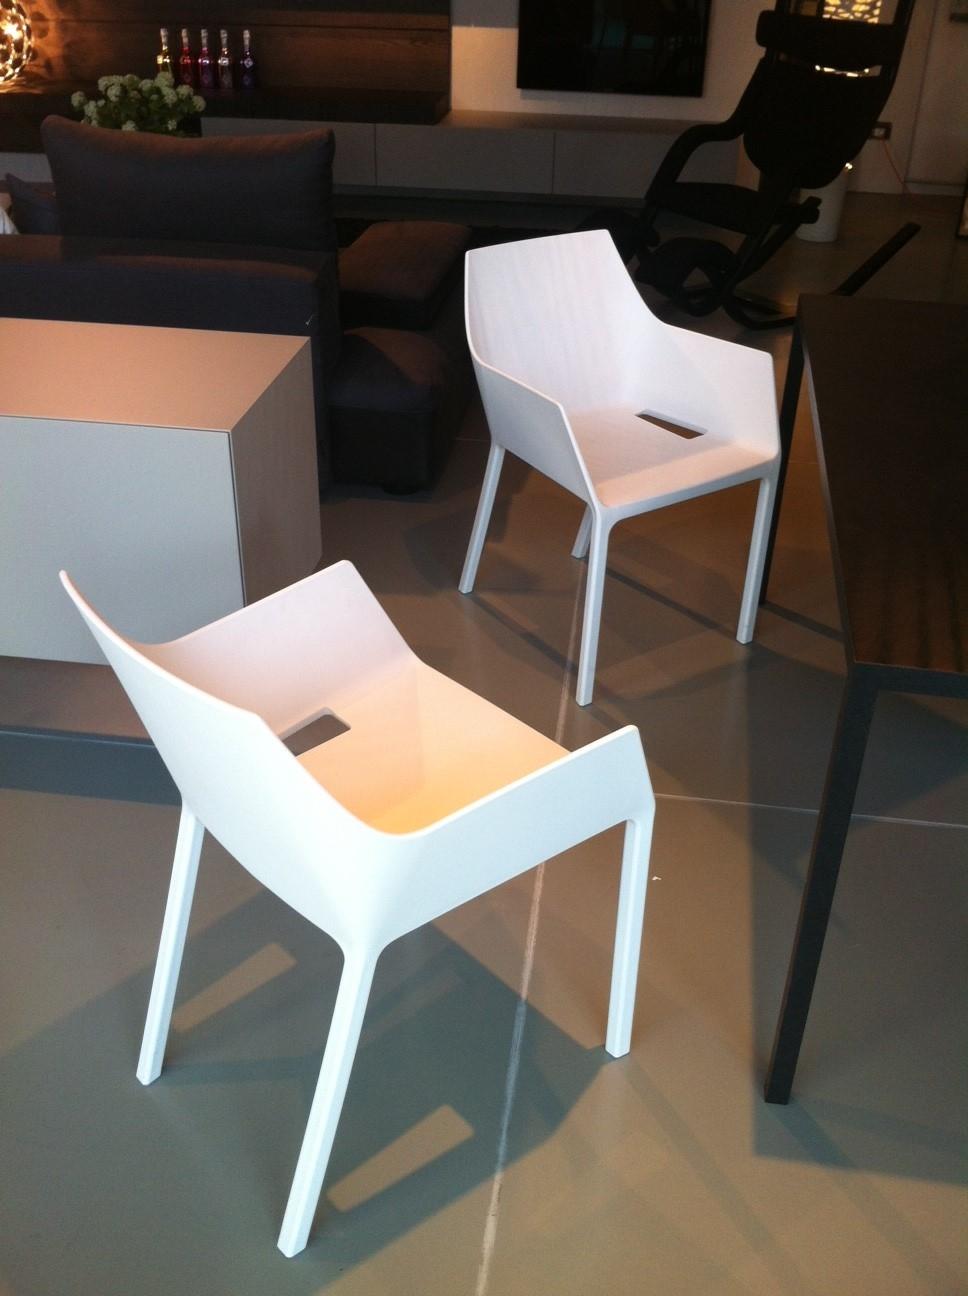 Sedia con braccioli kristalia modello mem sedie a prezzi for Sedie kristalia outlet